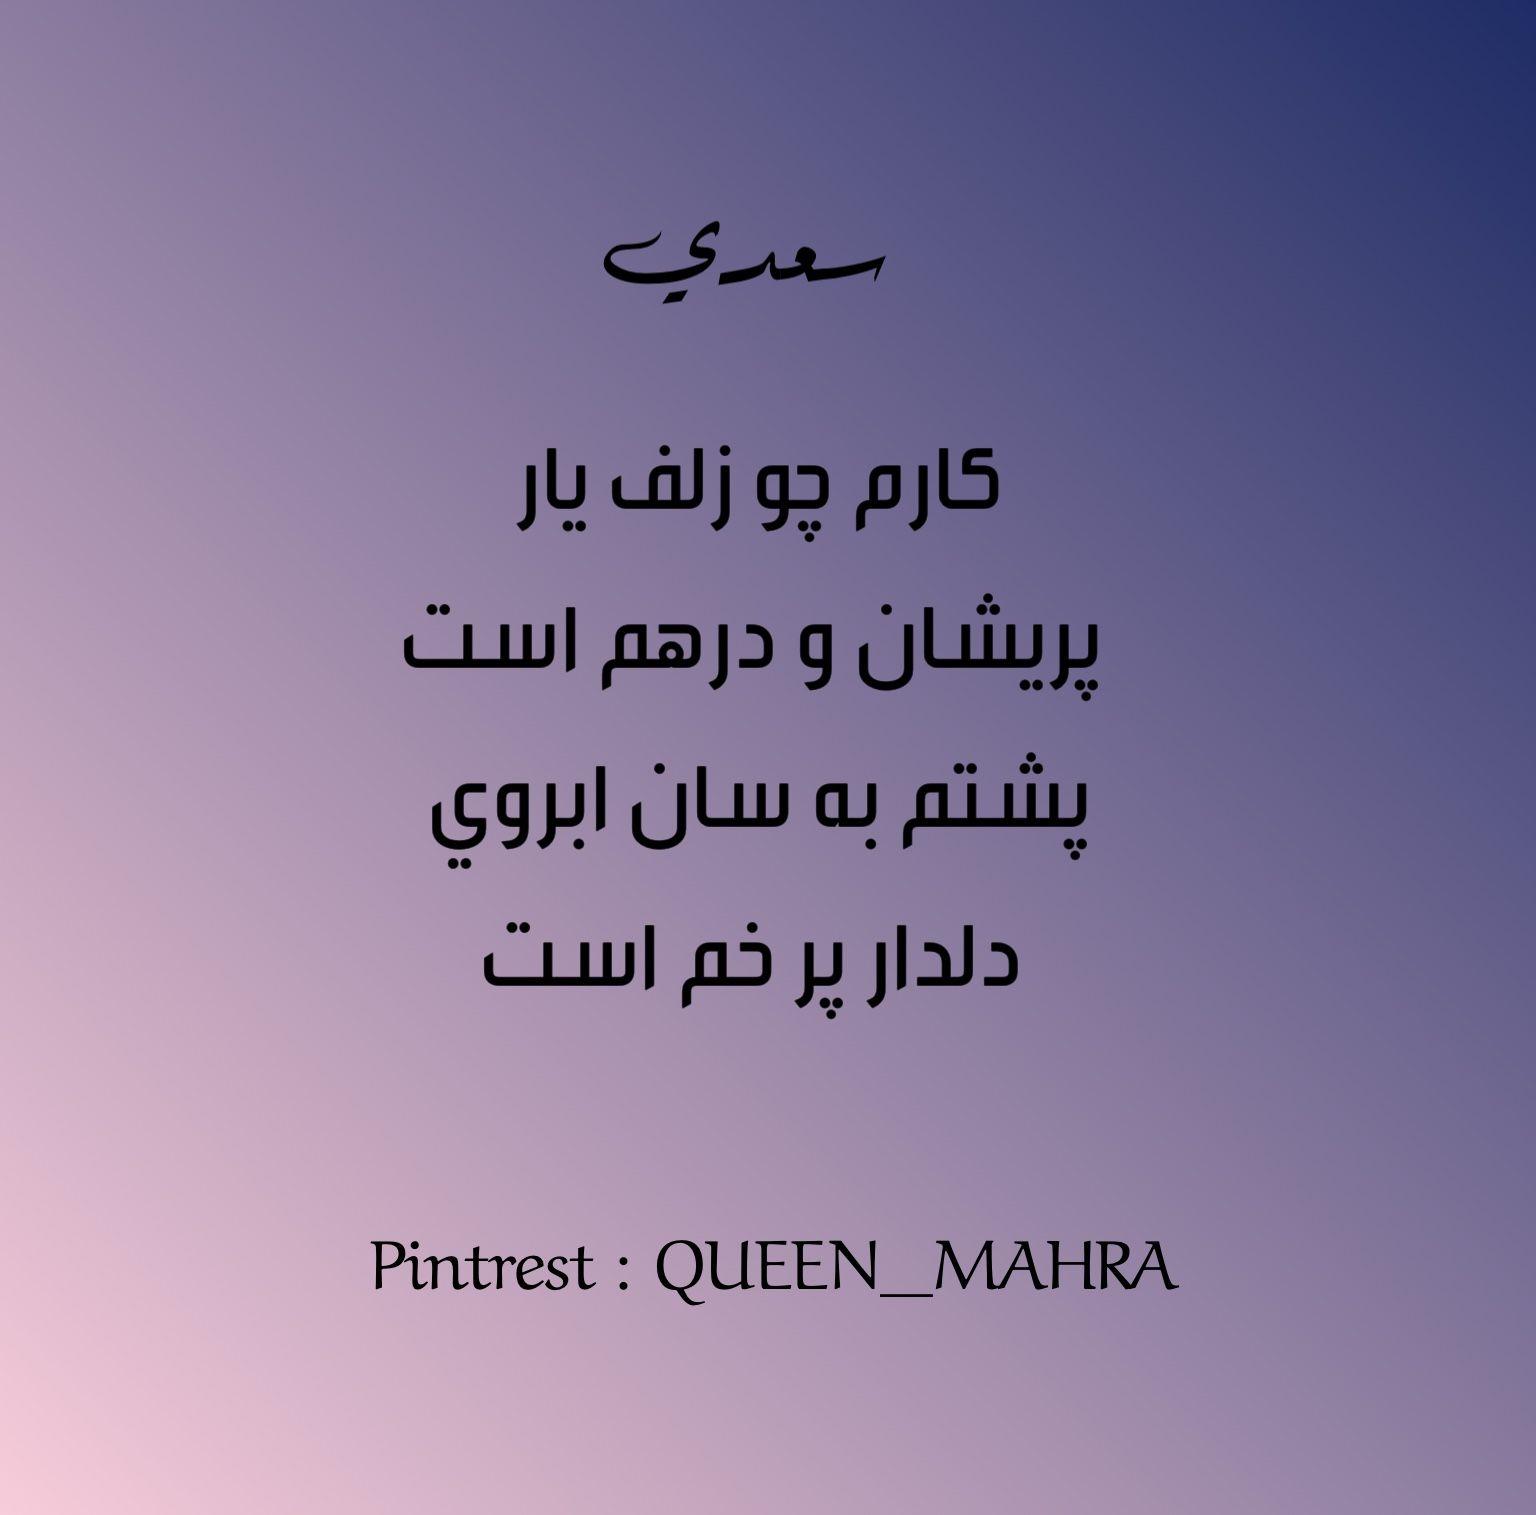 سعدی شعرسعدی شعر نوشته 11